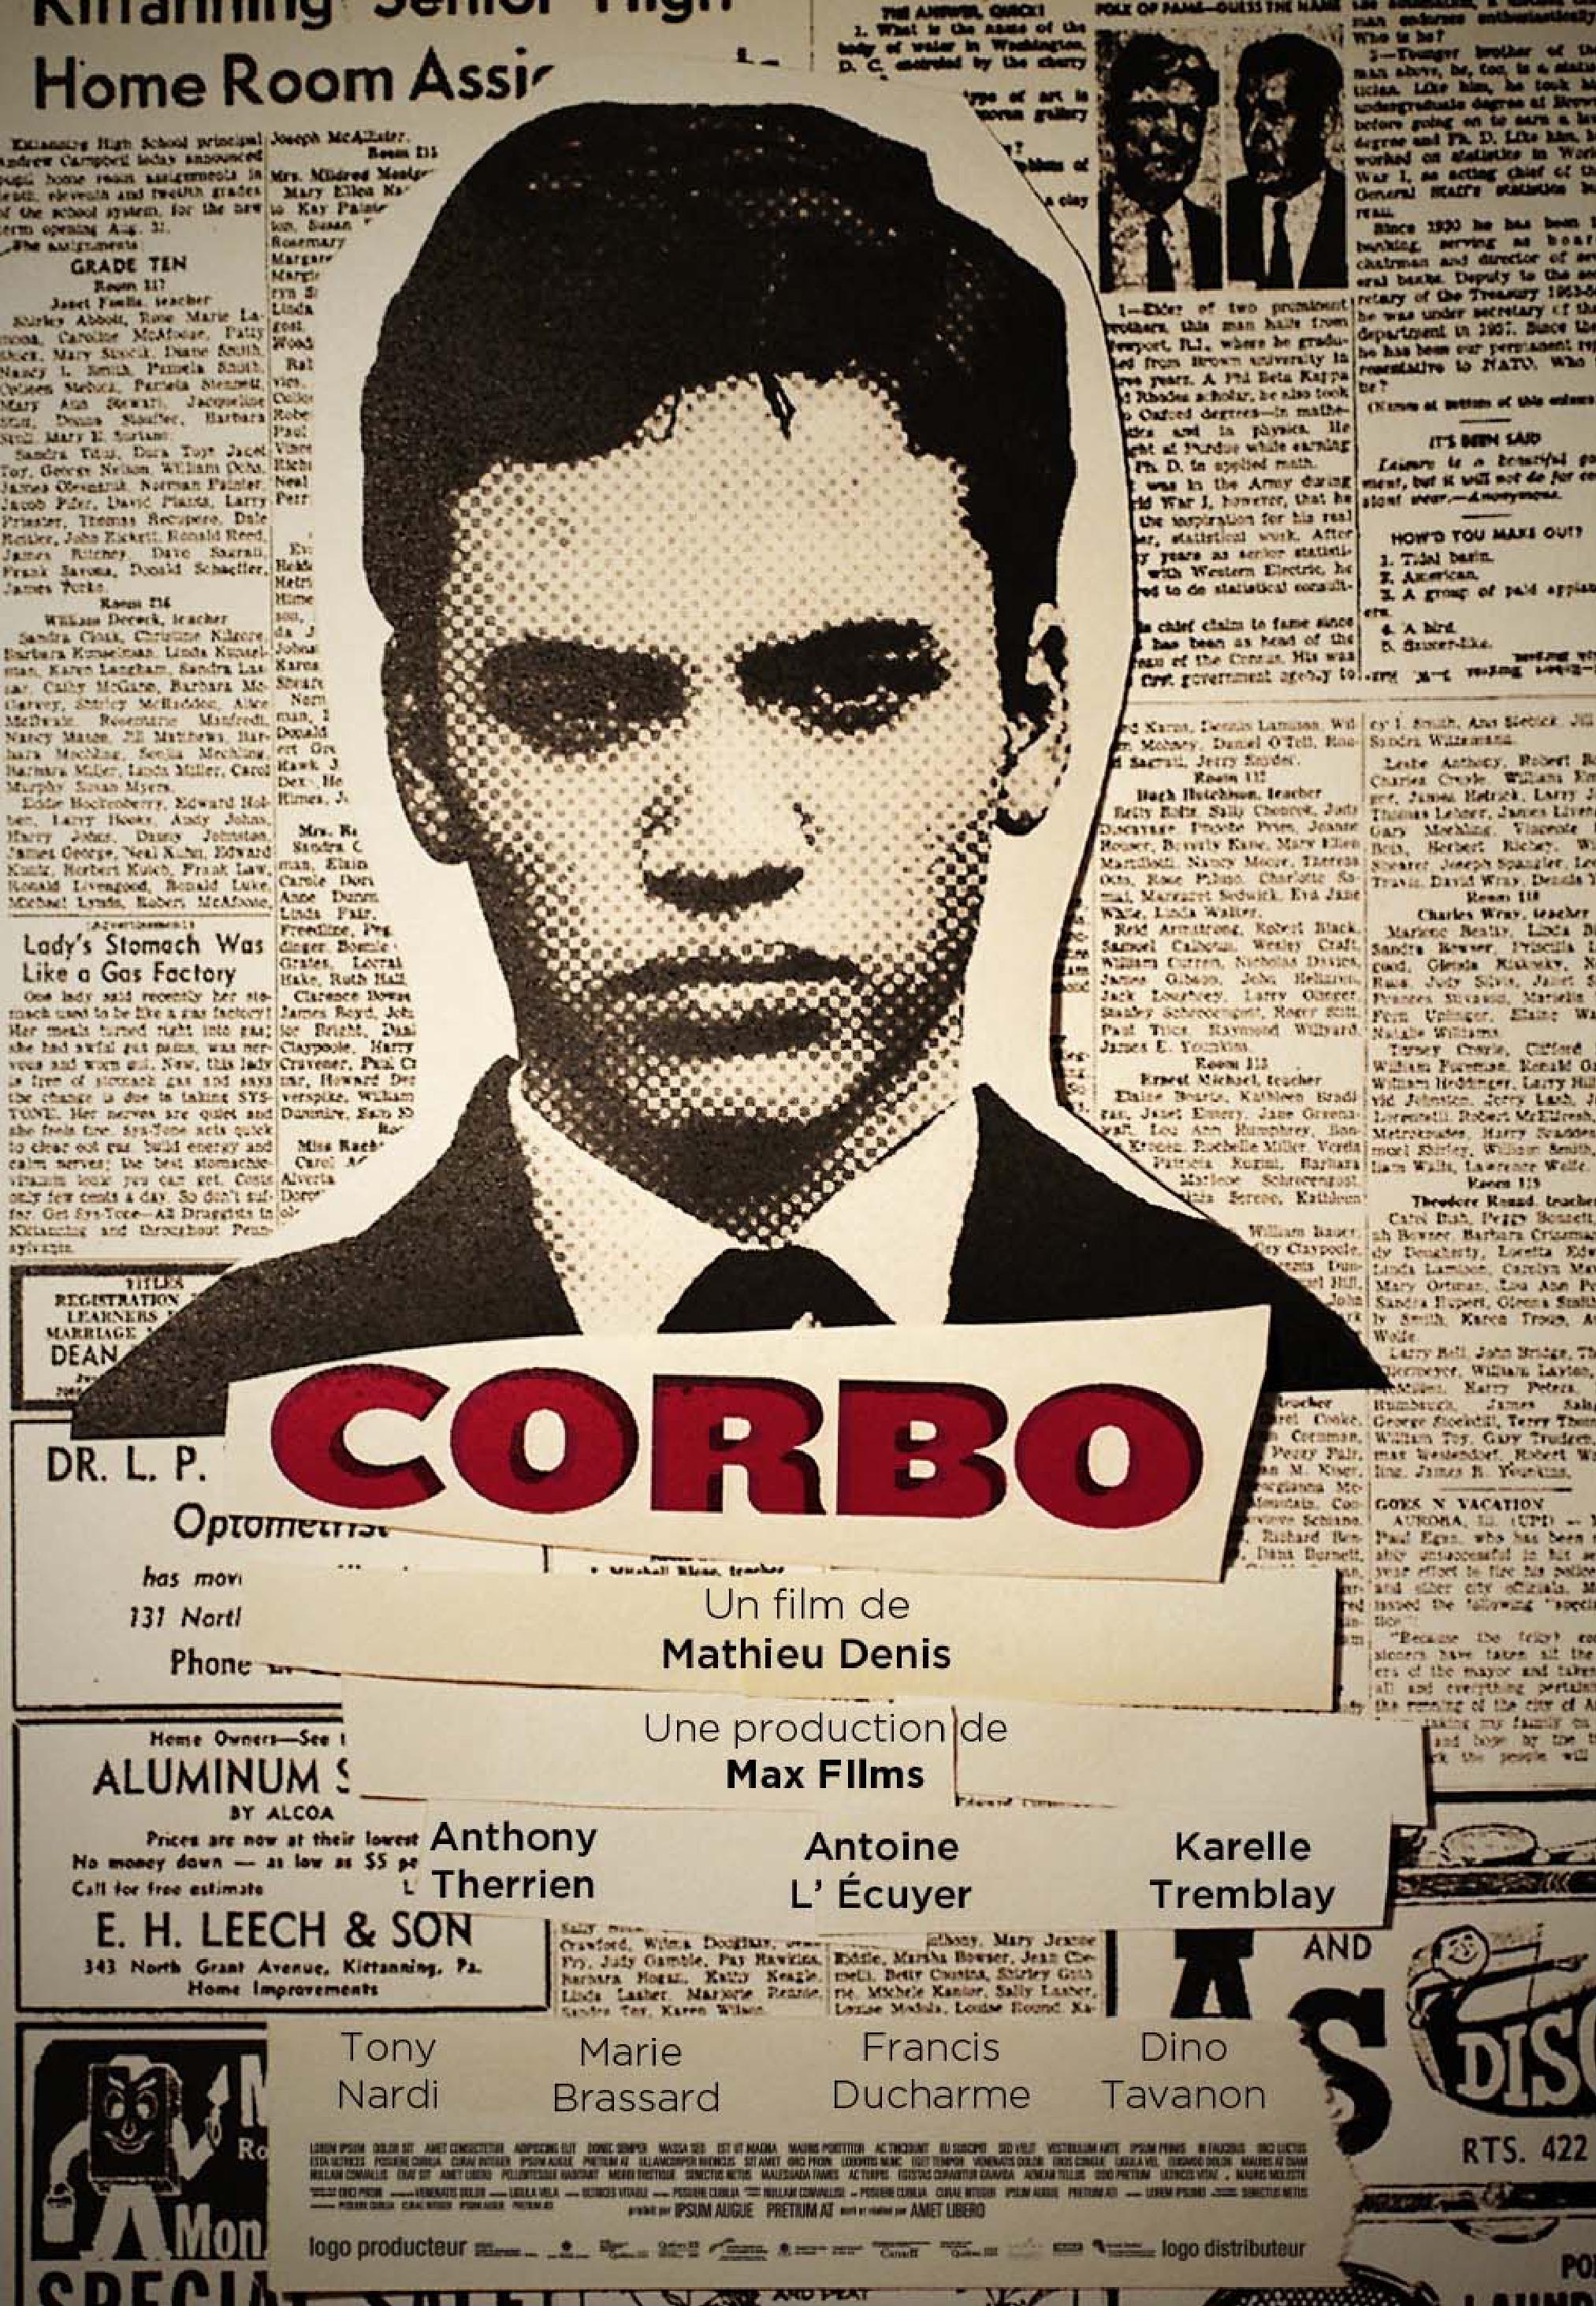 CORBO-Poster-RENZO-27oct_00001.jpg